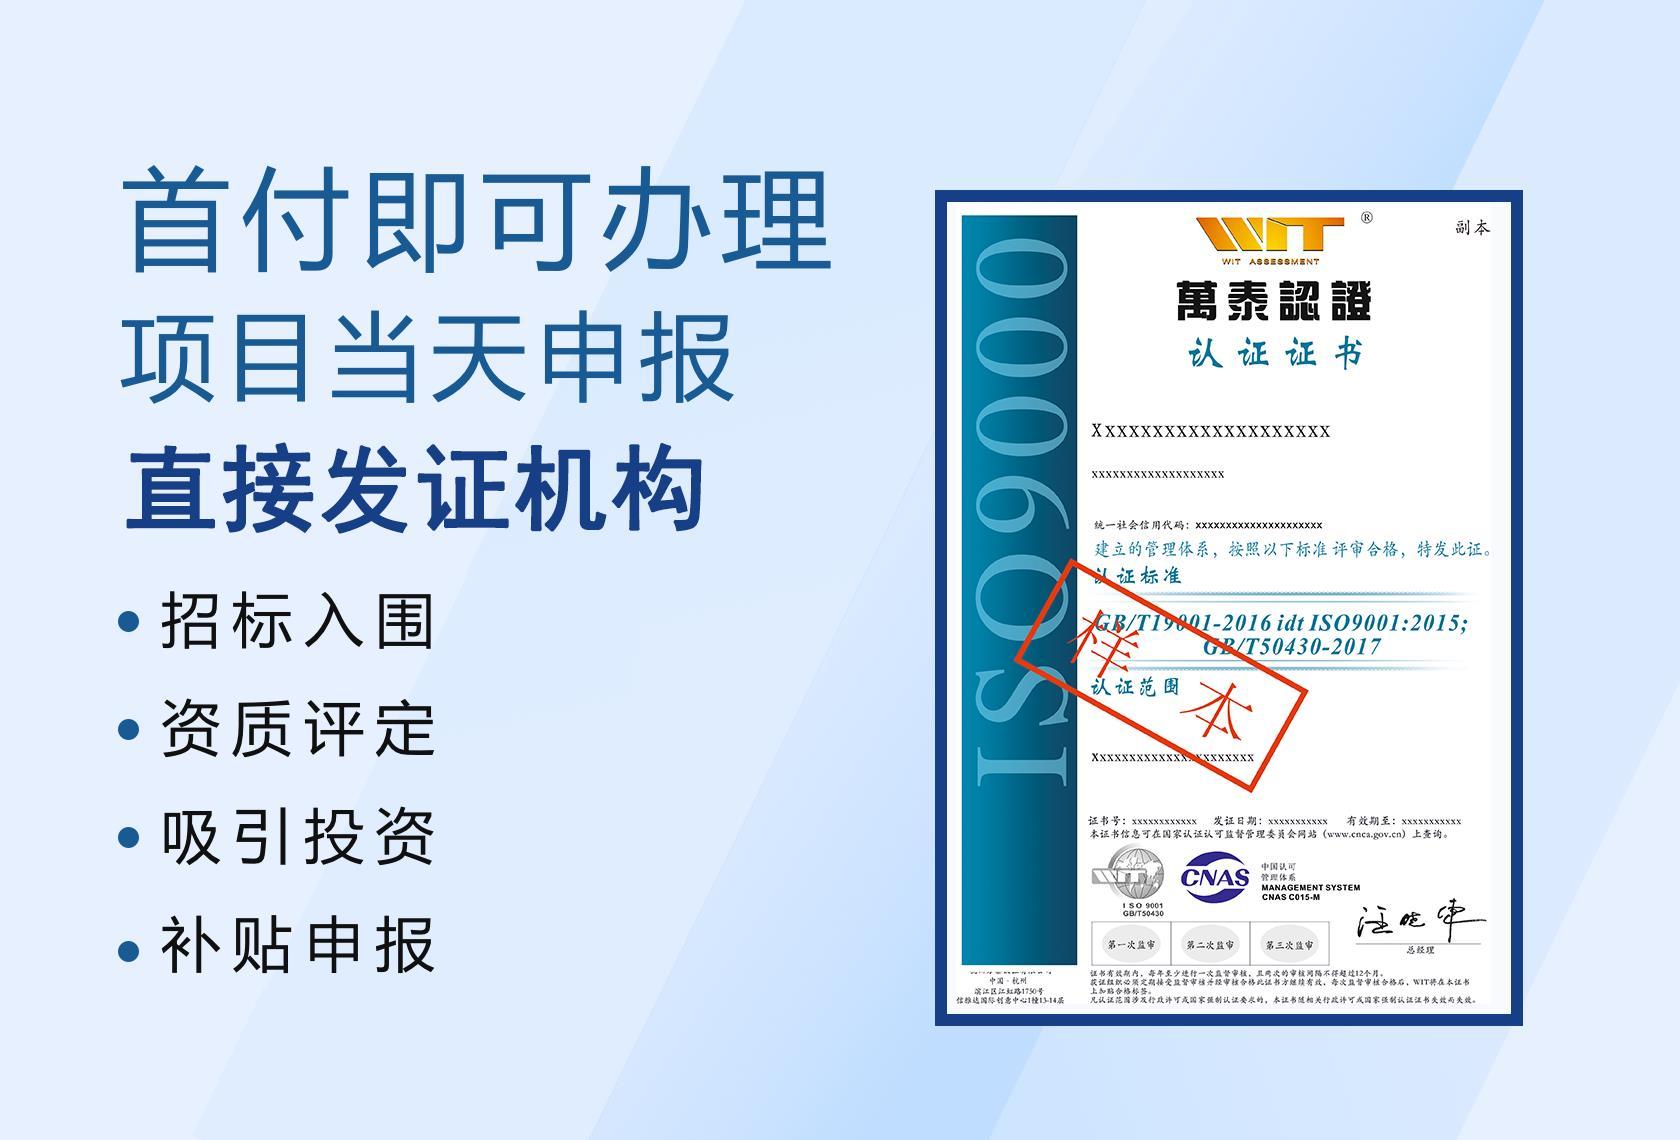 咨询ISO9001质量管理体系费用